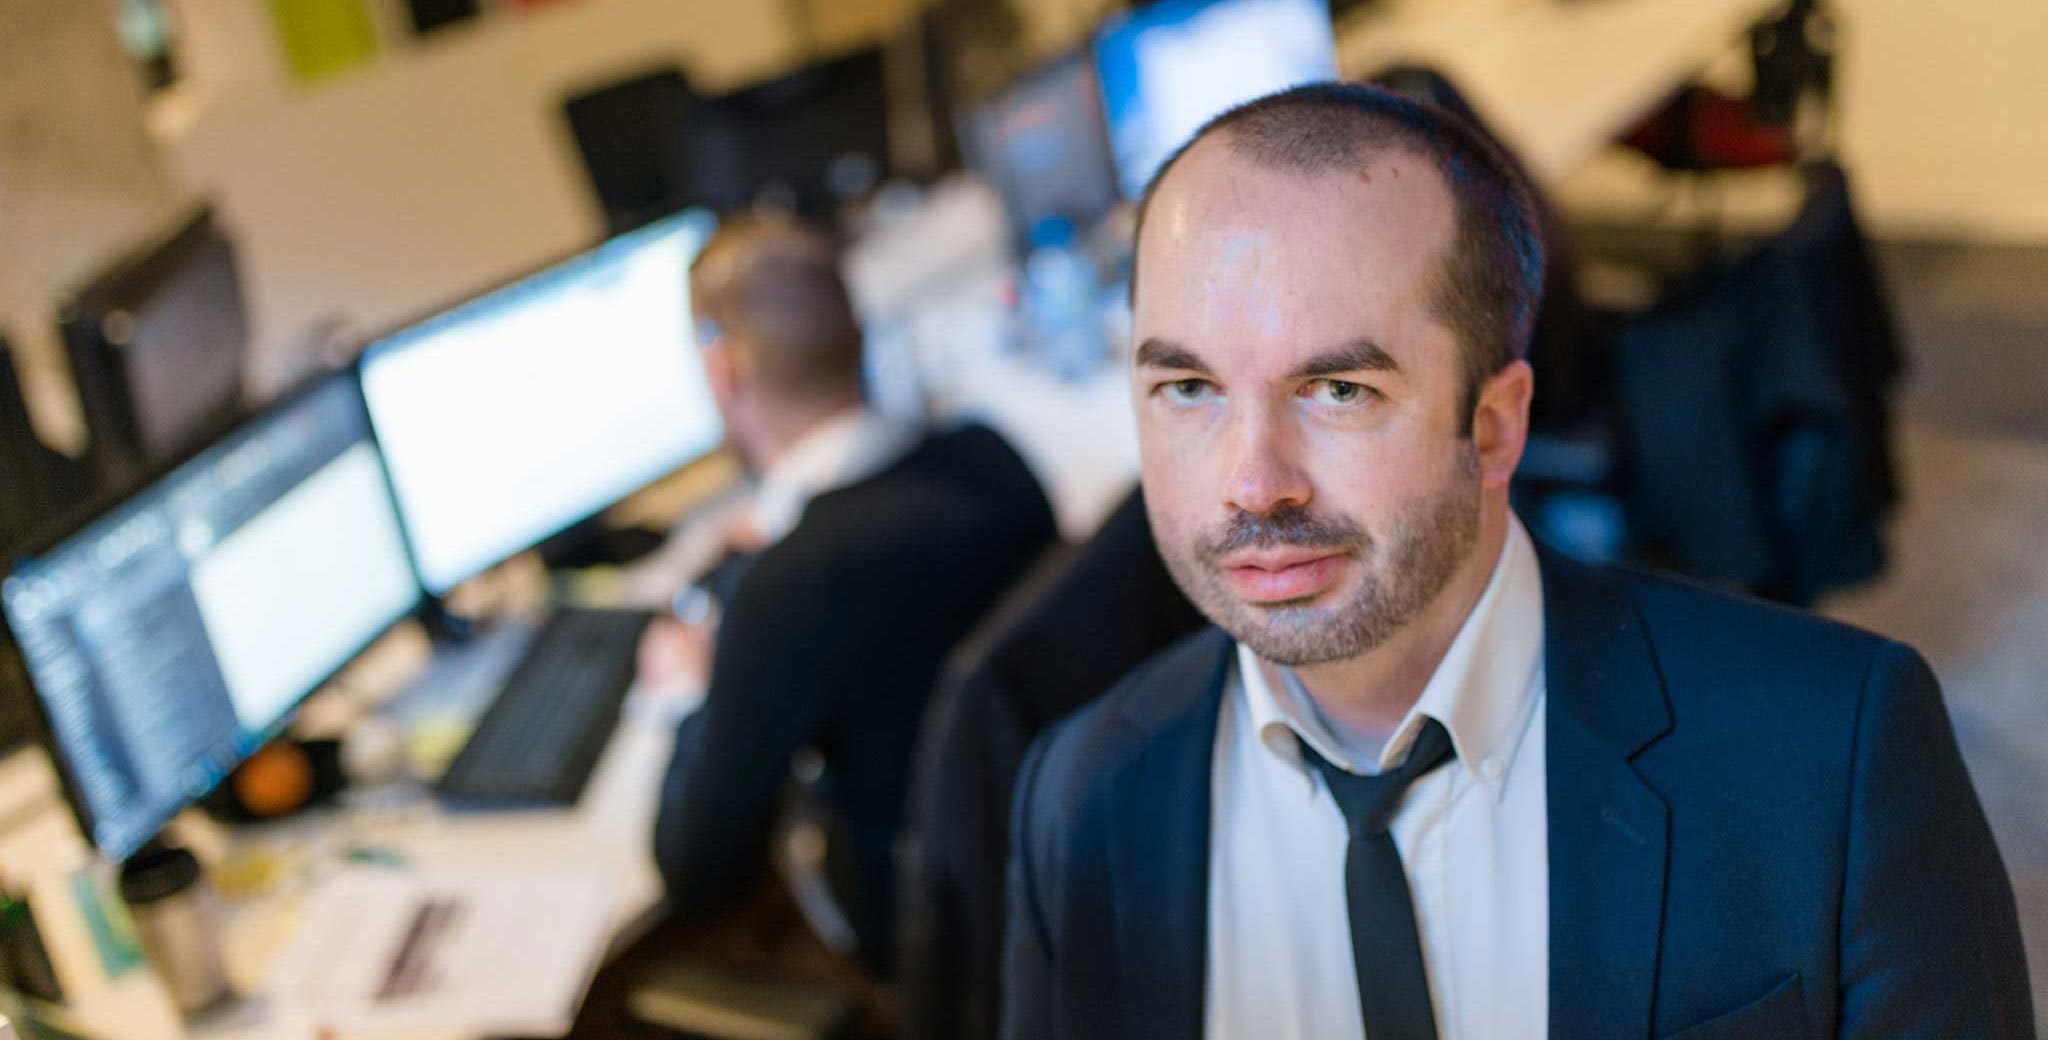 David Noblecourt : Createur et Dirigeant de l'entreprise Brestoise Shop Application, Specialisee dans la creation de sites internet et boutiques en ligne